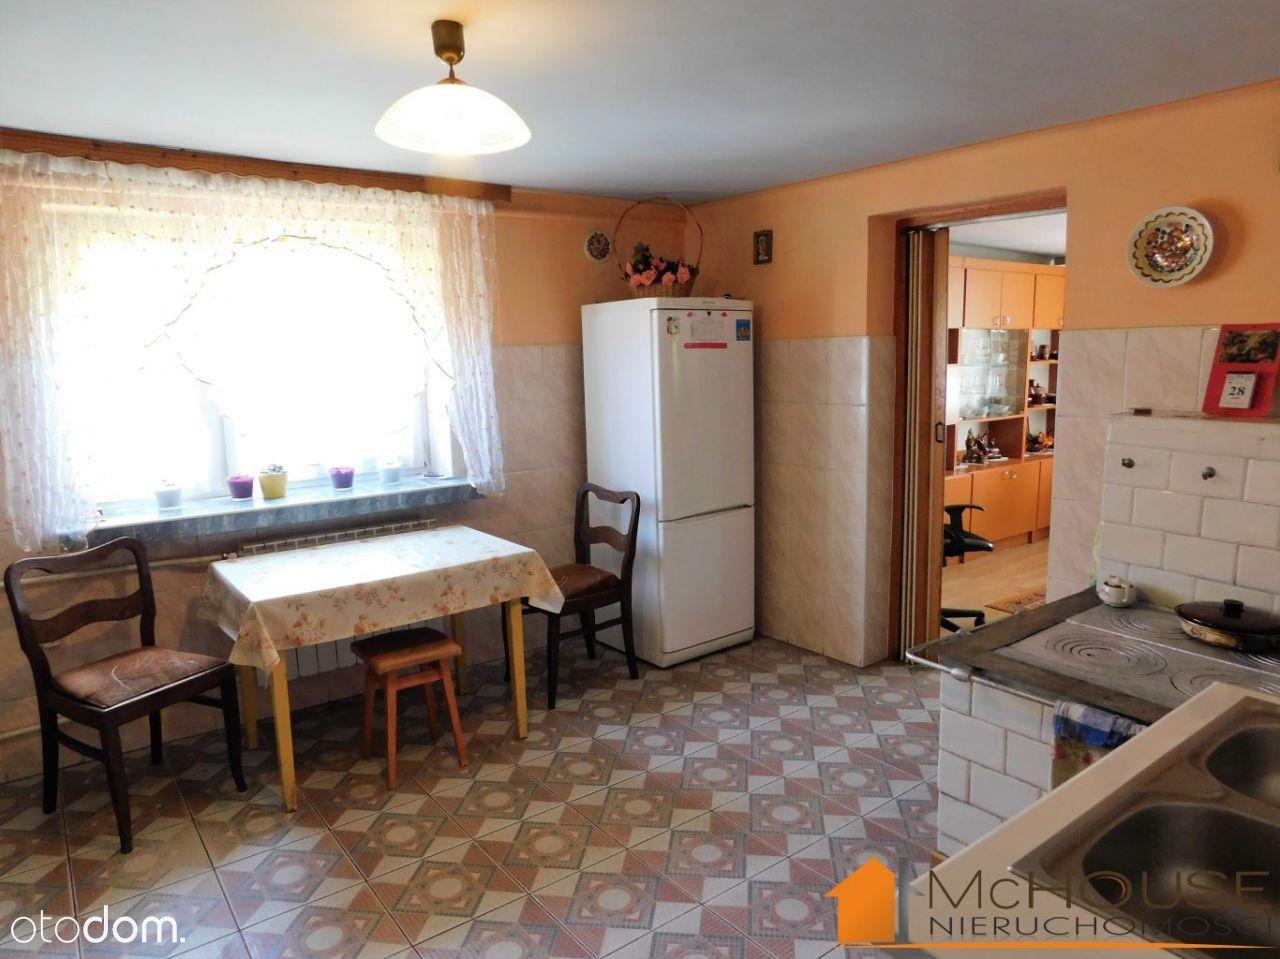 Dom na sprzedaż, Grabowa, staszowski, świętokrzyskie - Foto 8